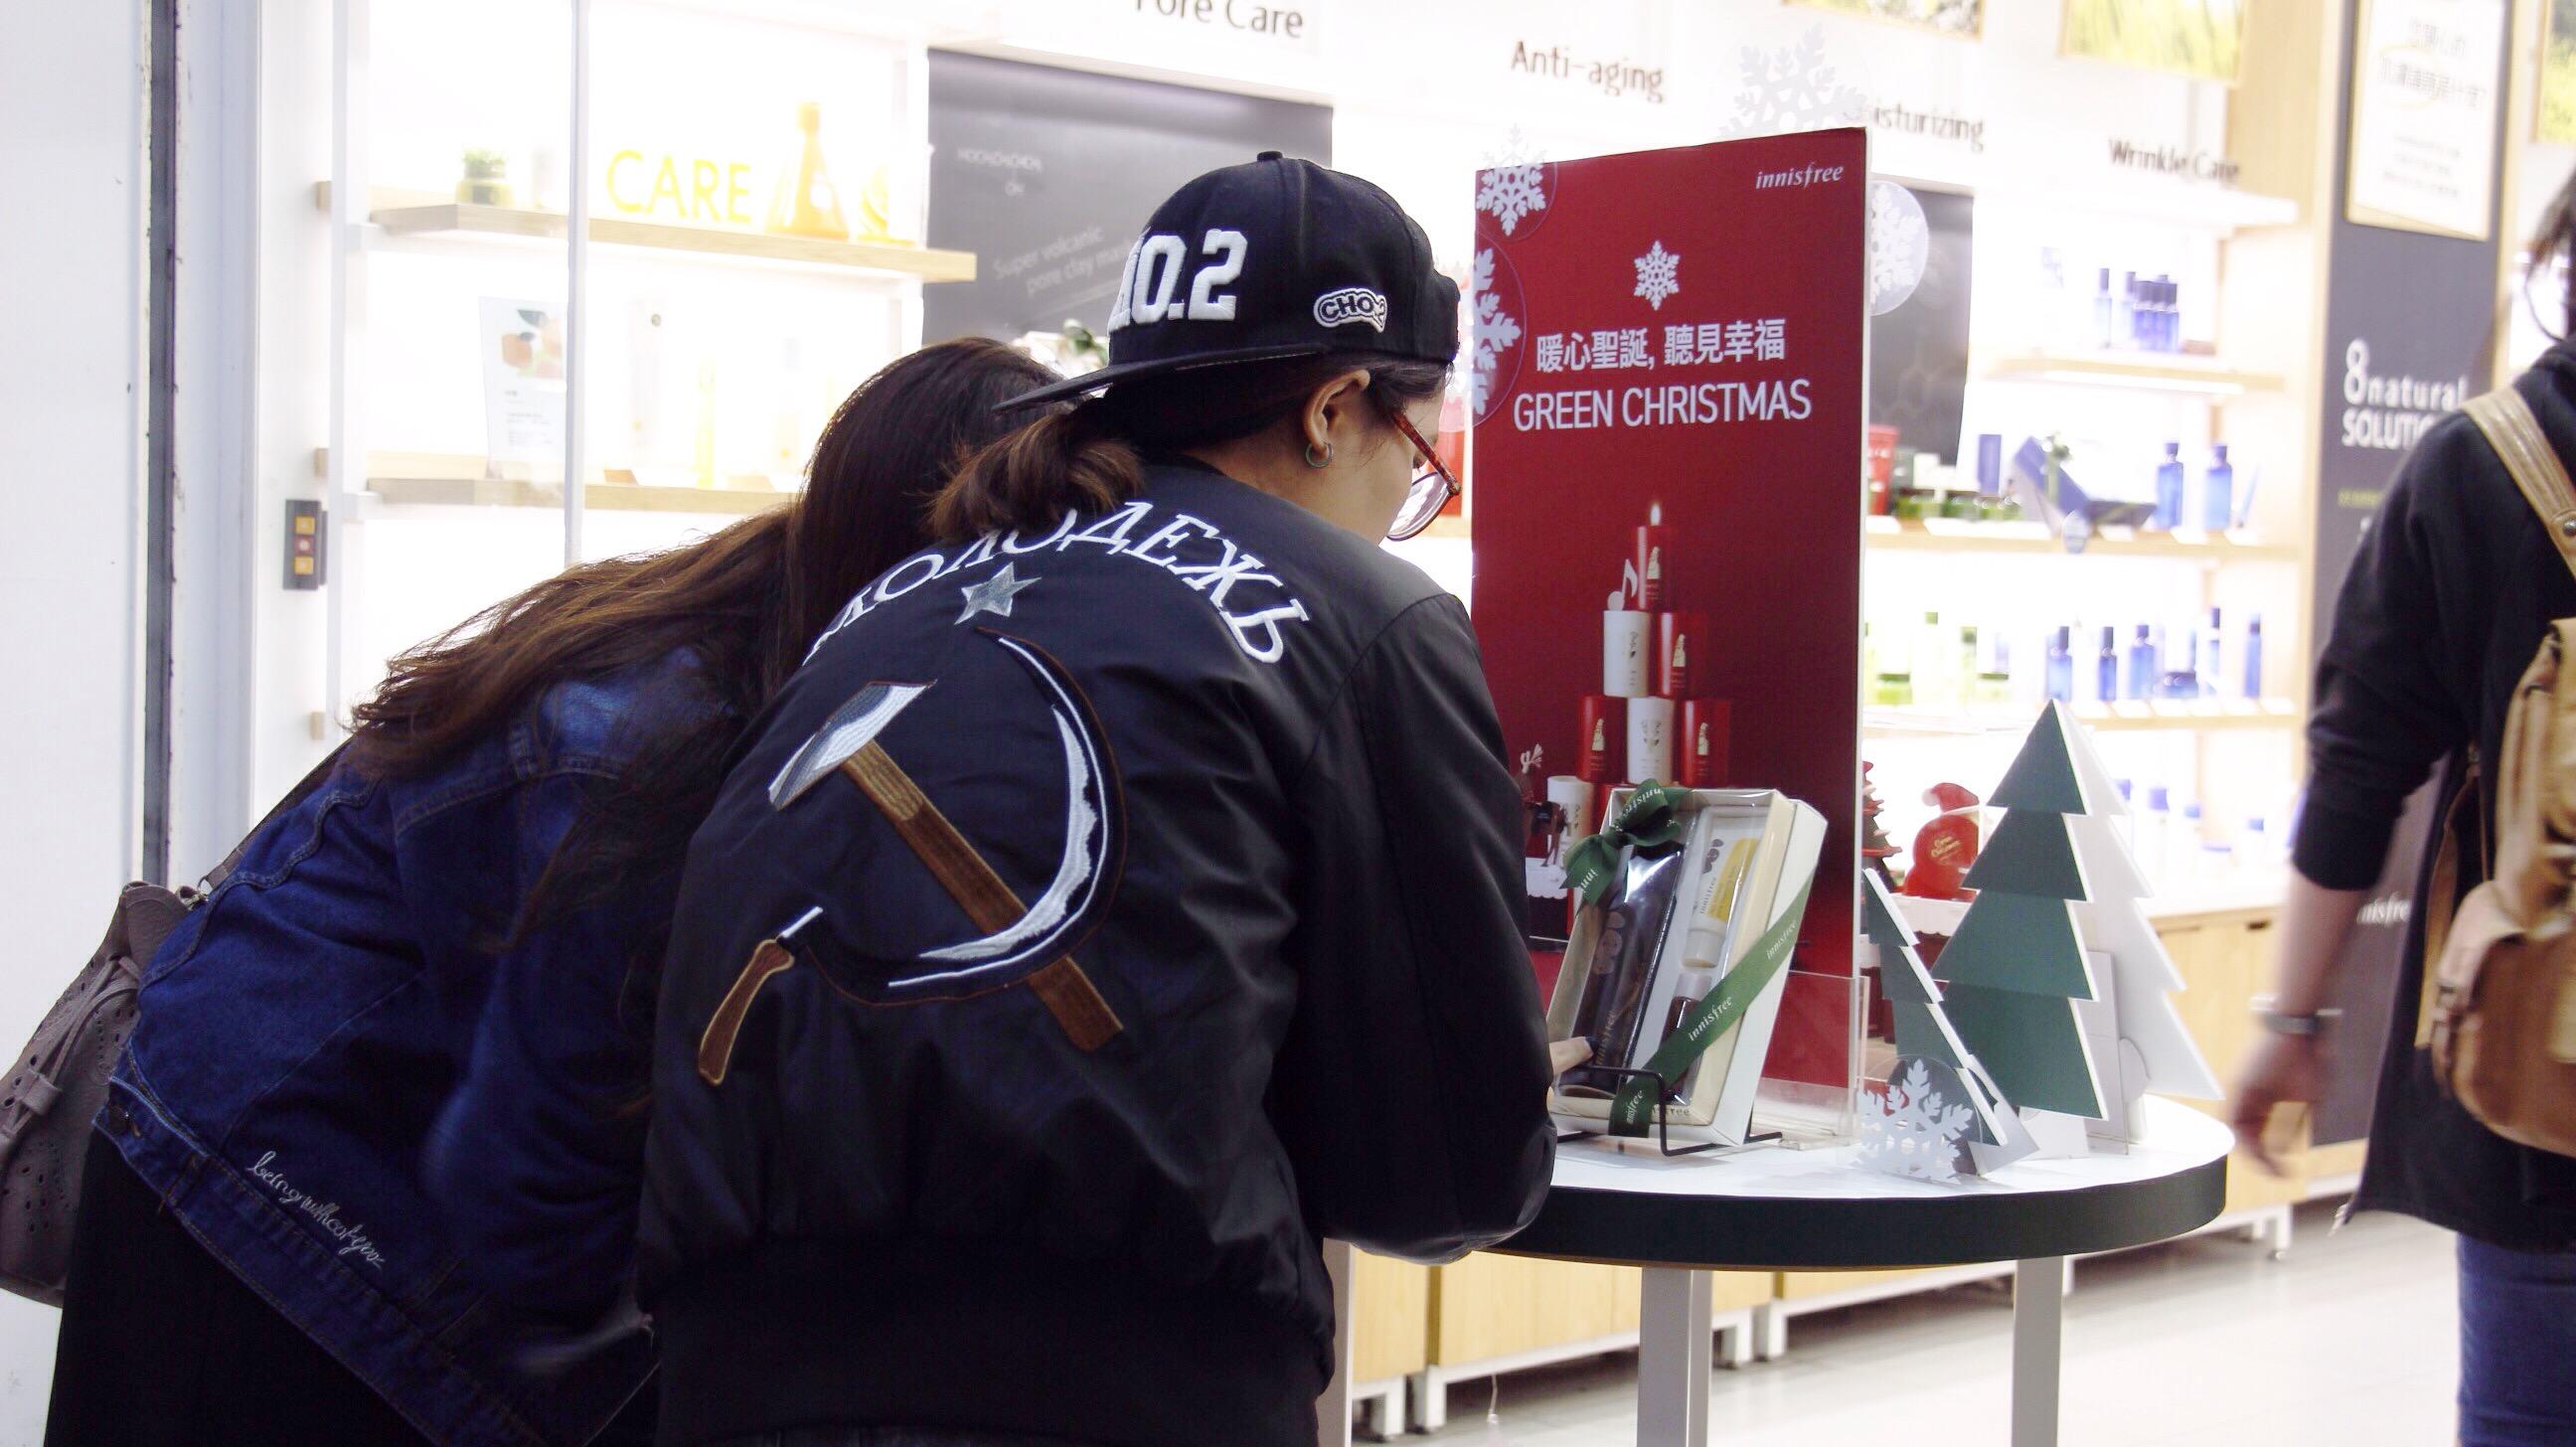 聖誕節為送禮季,店家多會推出相關限定商品或是禮品套組提供民眾選購。 攝影/張子怡